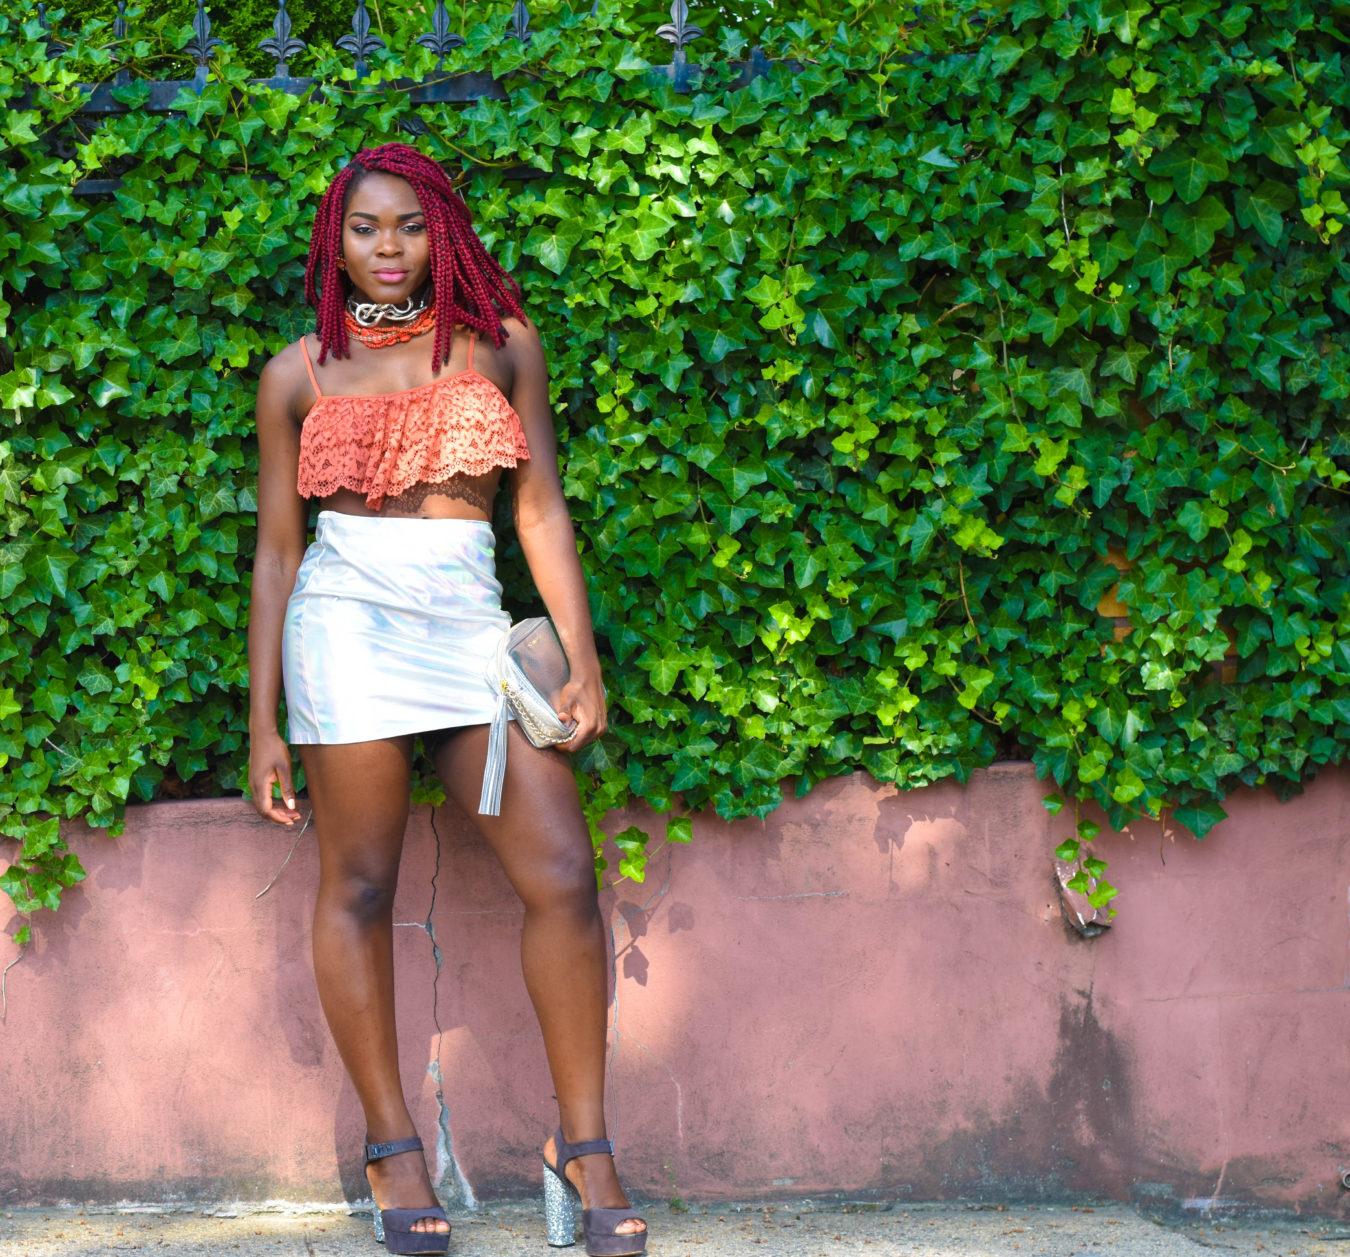 Metallic Mini Skirt + Lace Crop Top   Miami Swim Week 2017 - Befitting Style